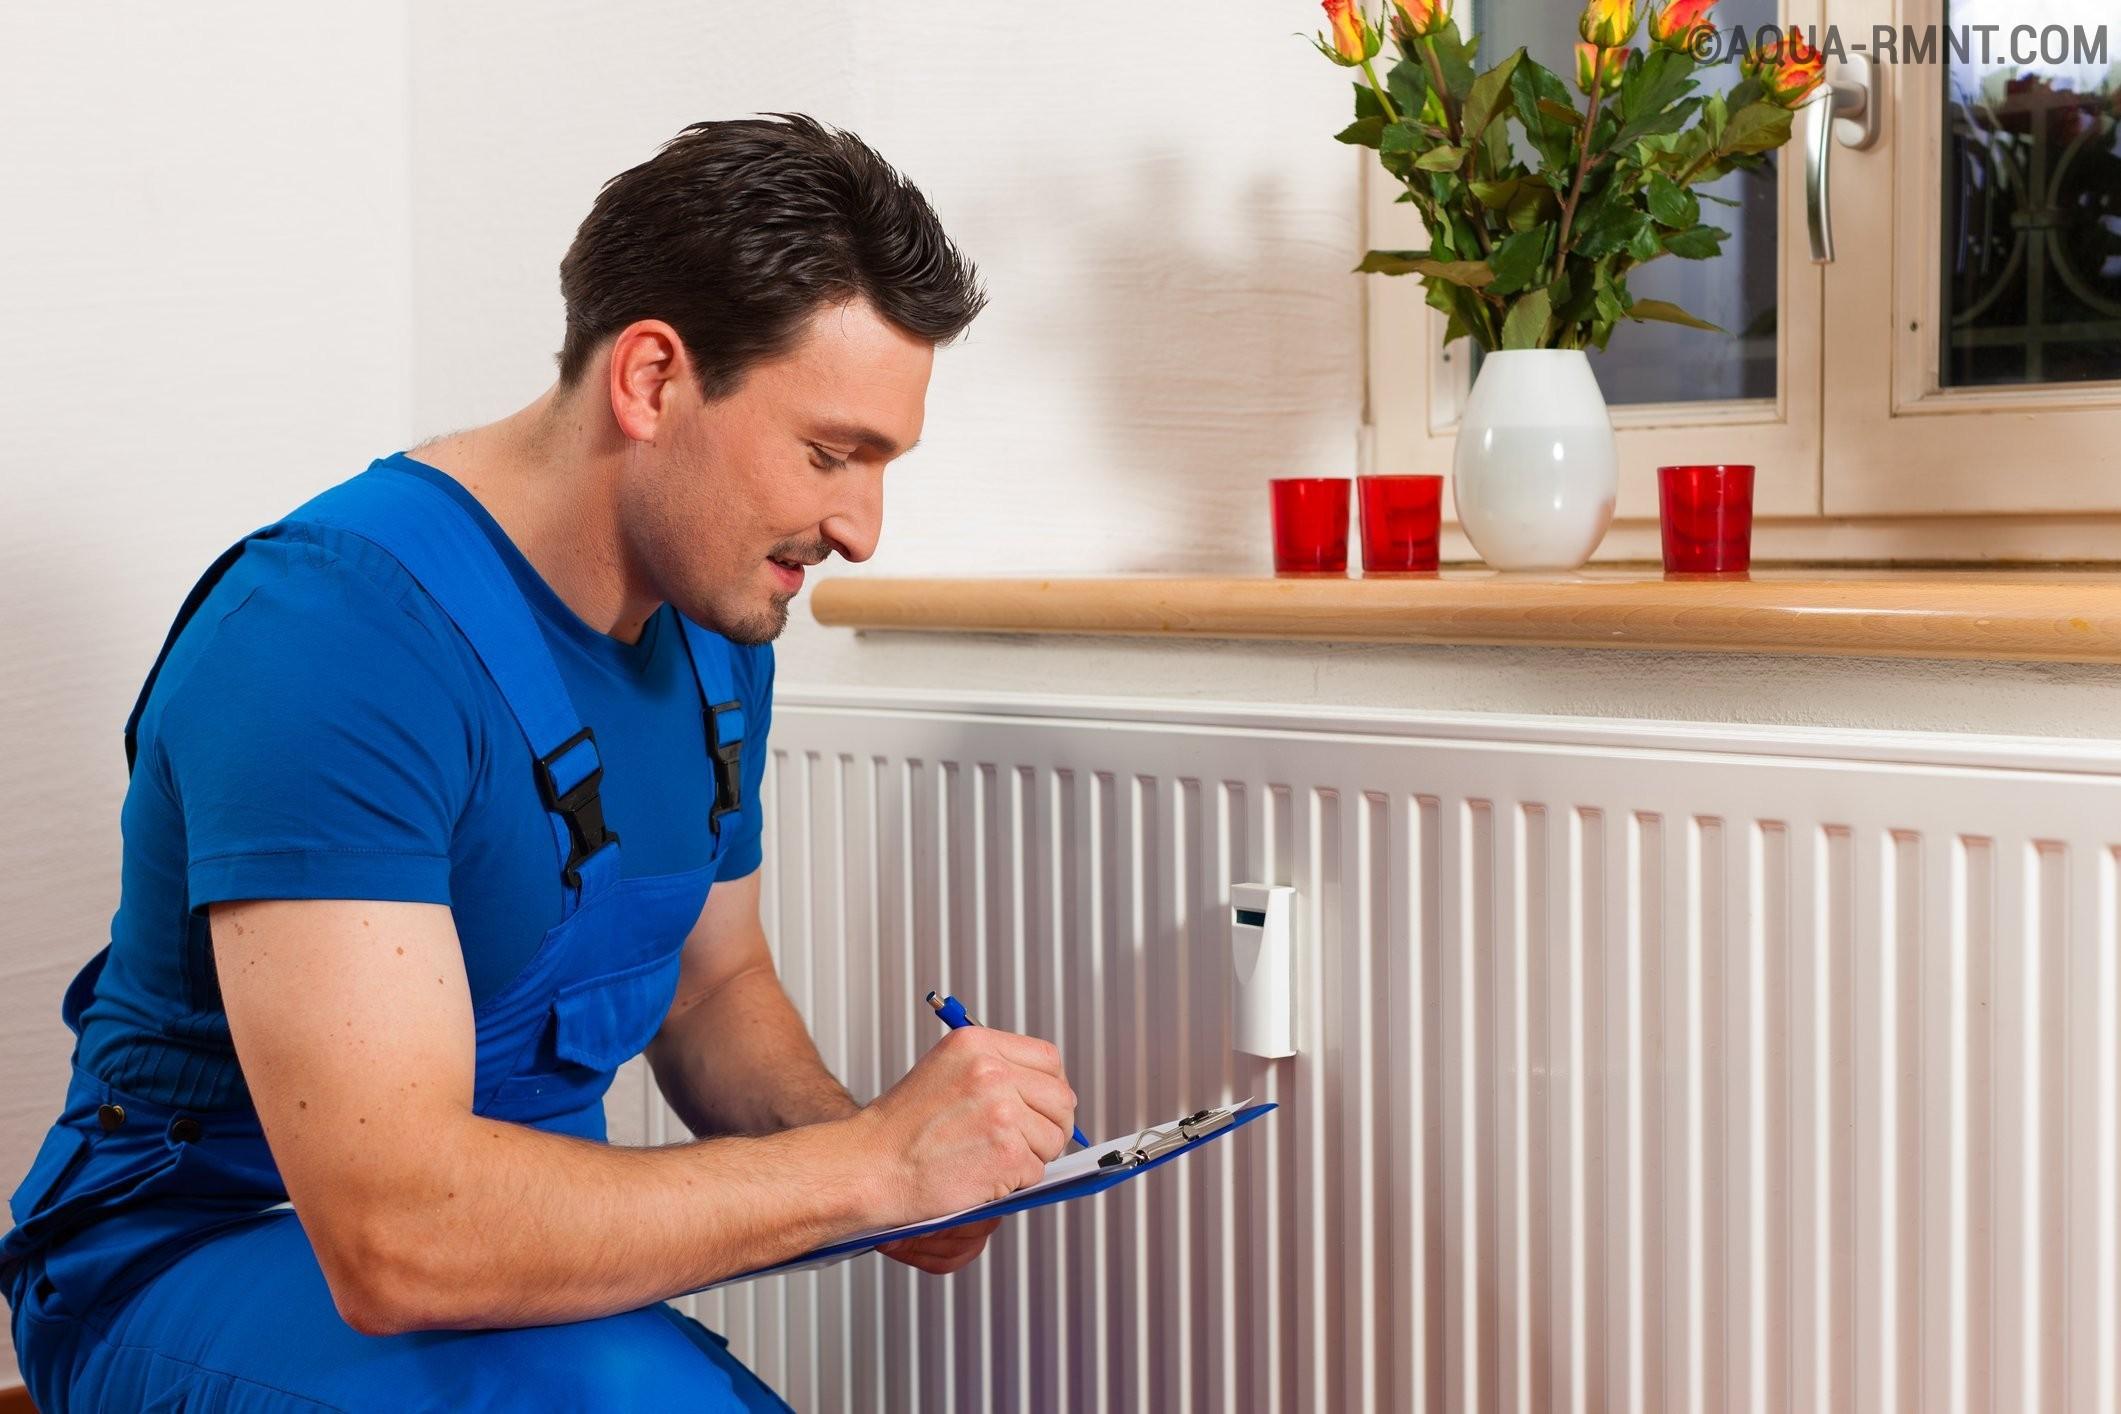 Выгодно ли устанавливать счётчик тепла в квартире?